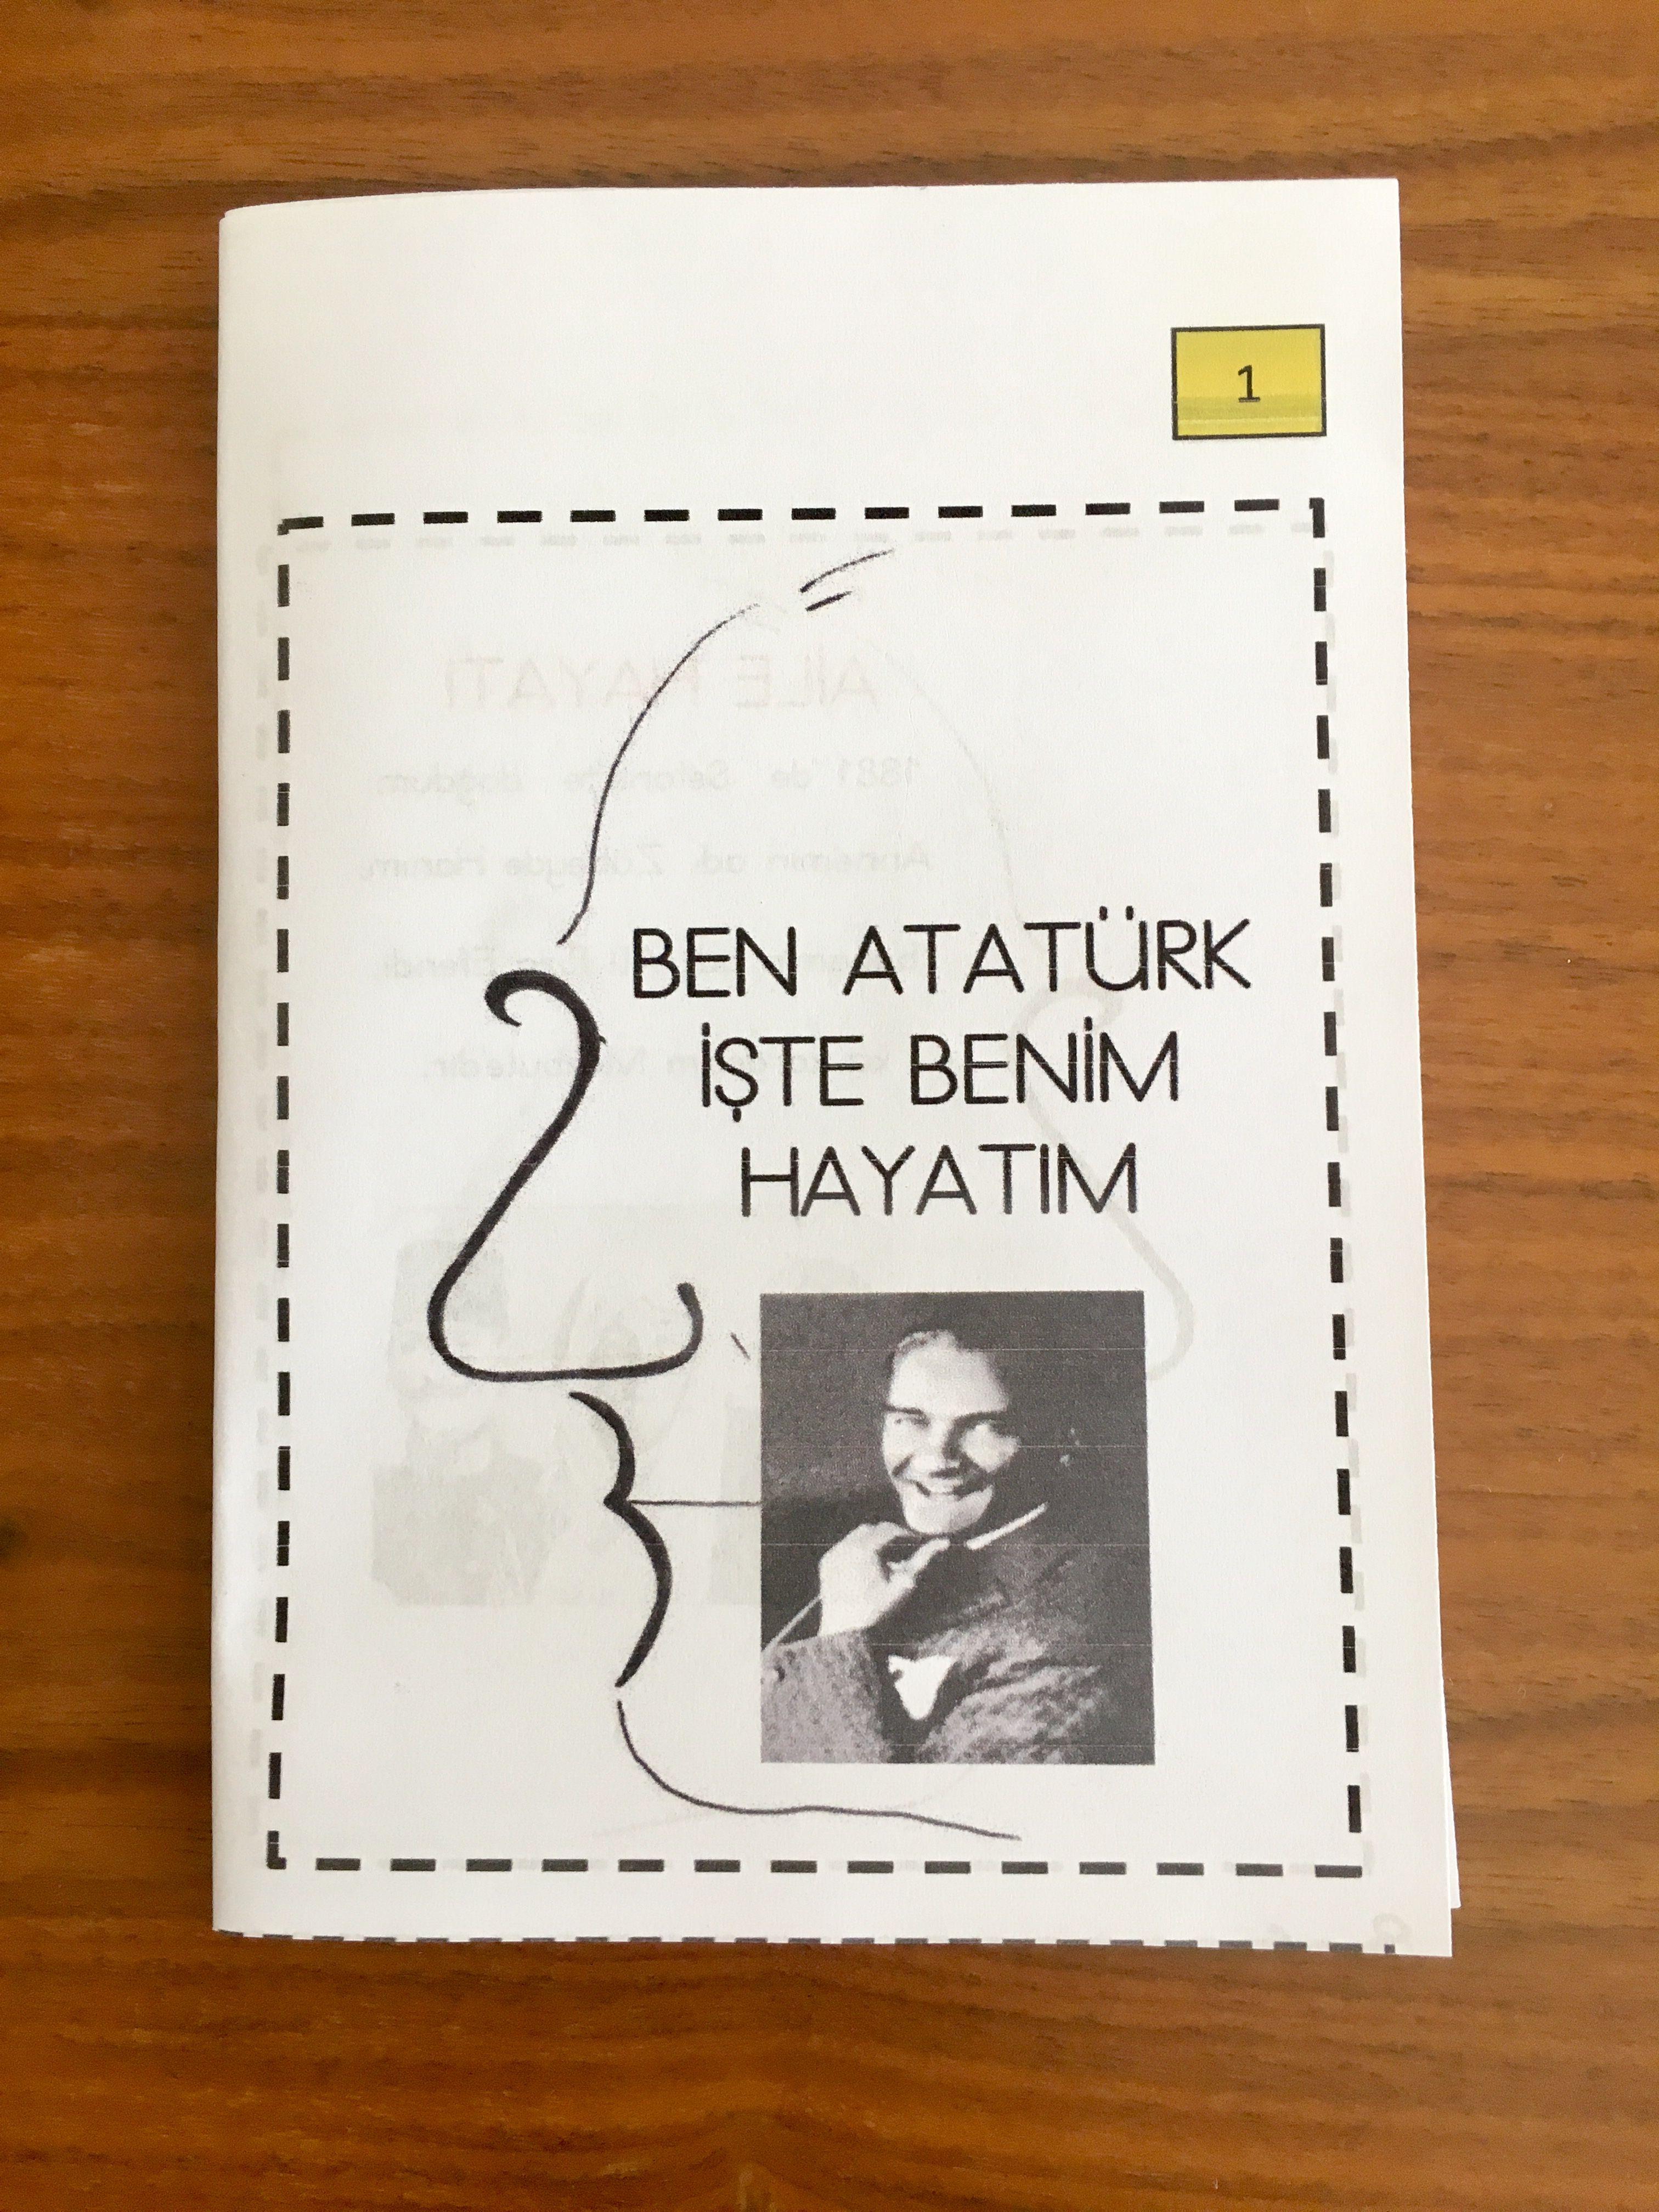 10 Kasim Ataturk Un Hayati Kitapcik Cigdem Ogretmen Okul